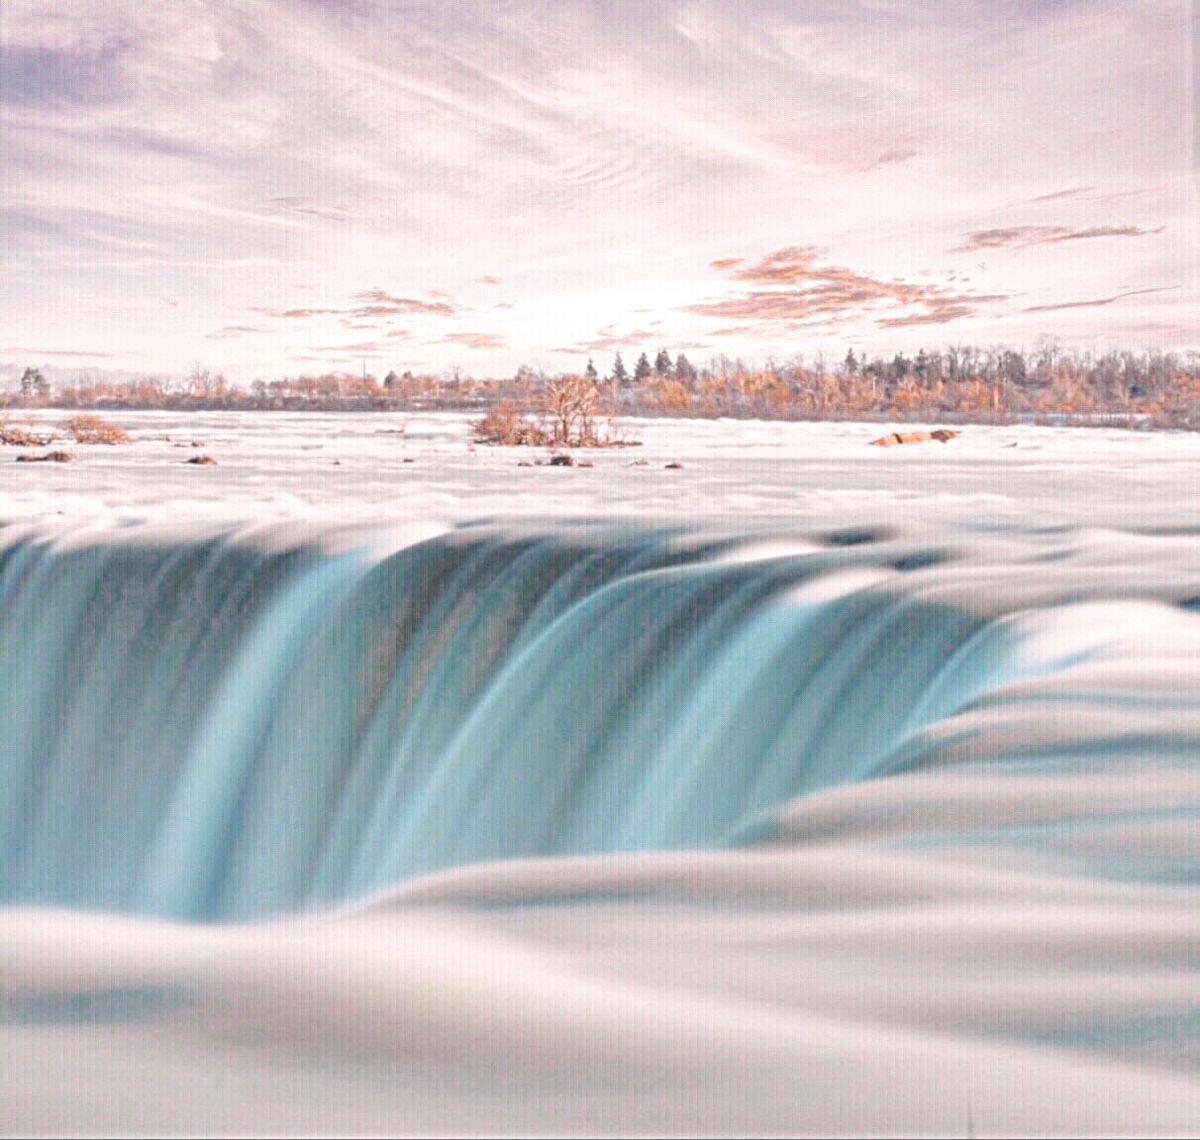 Travel Canada Niagara Falls Things To Do In